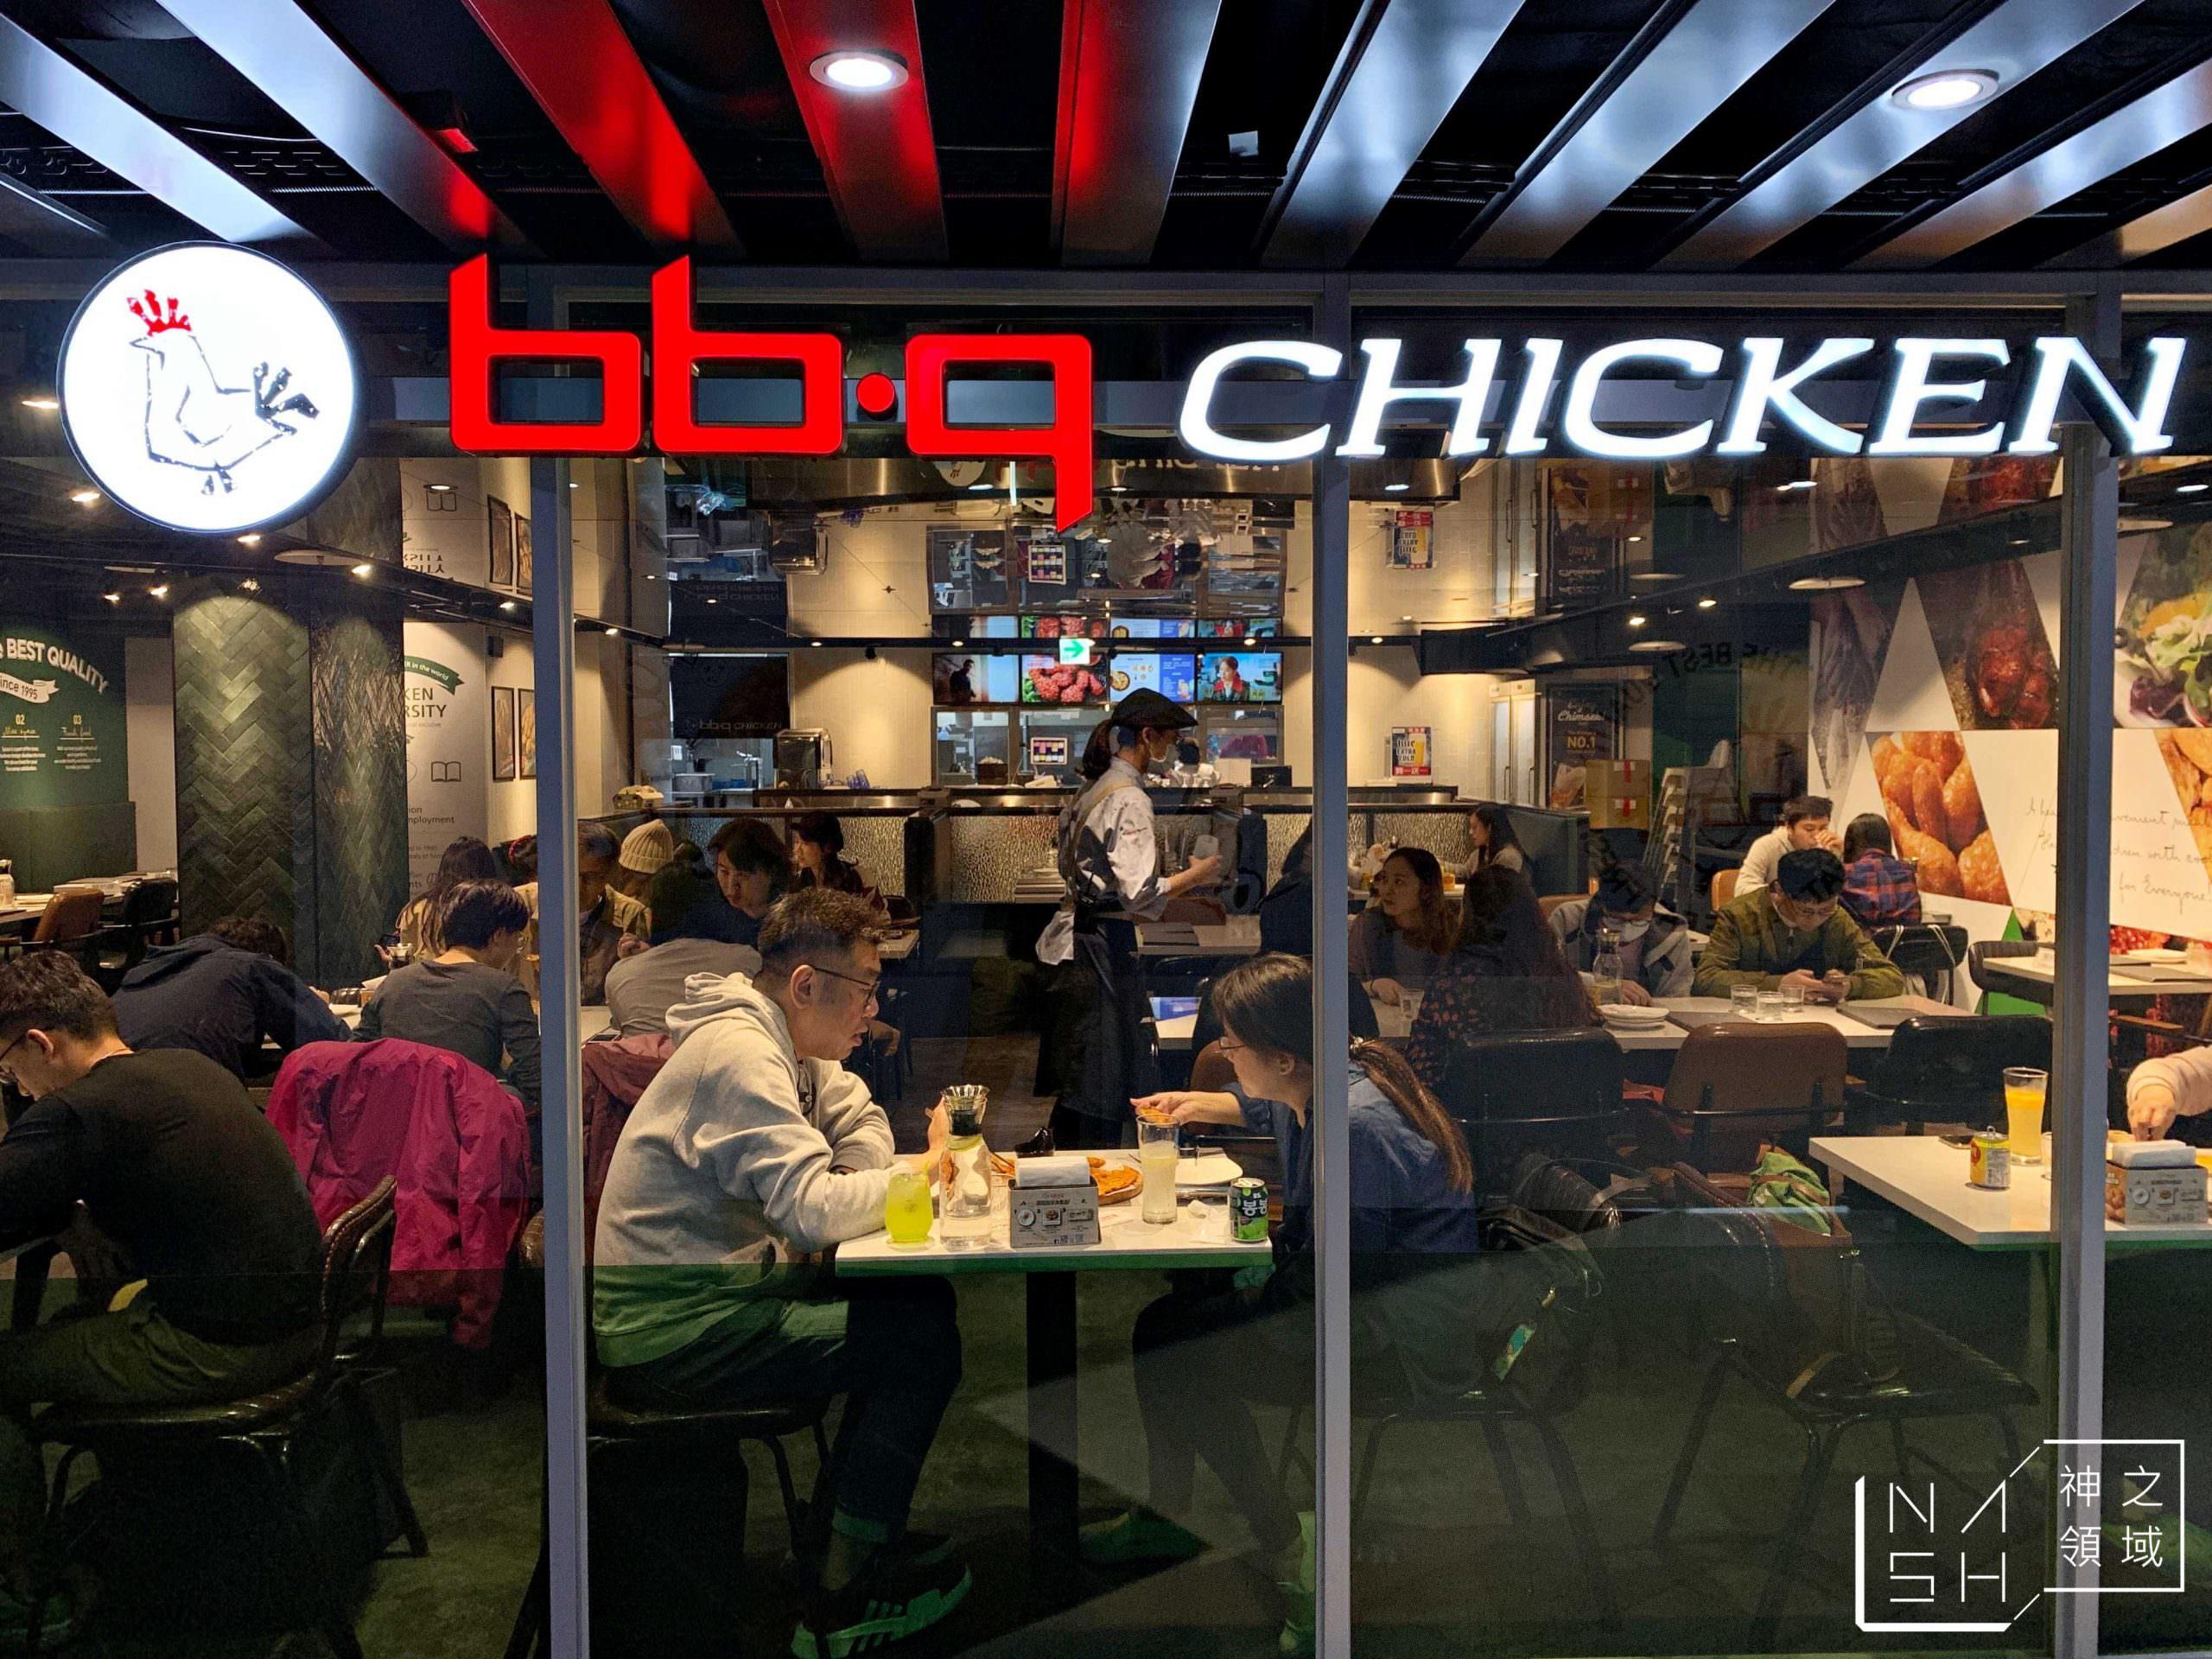 bb.q CHICKEN